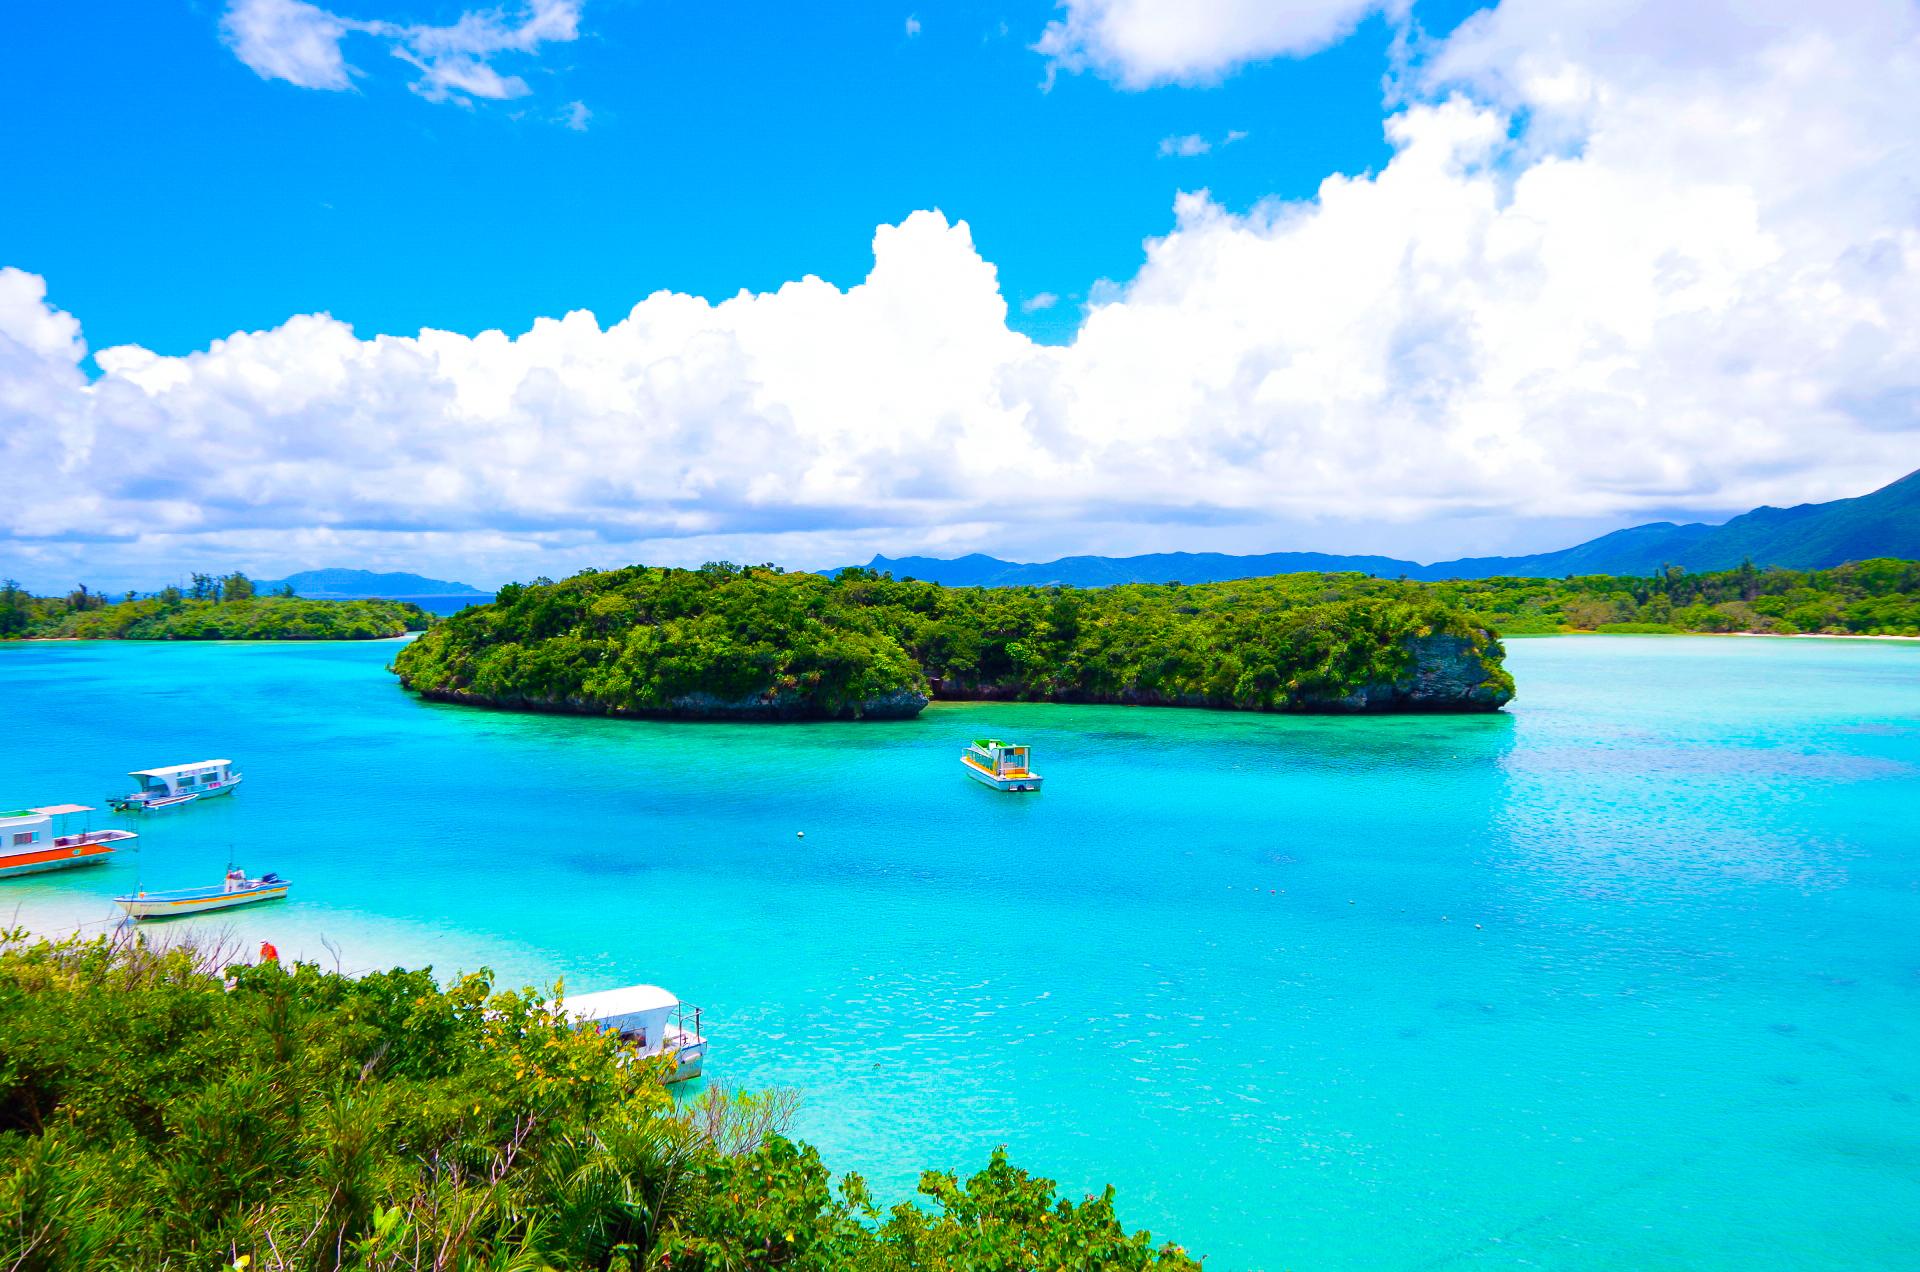 石垣島一の絶景を誇る川平湾